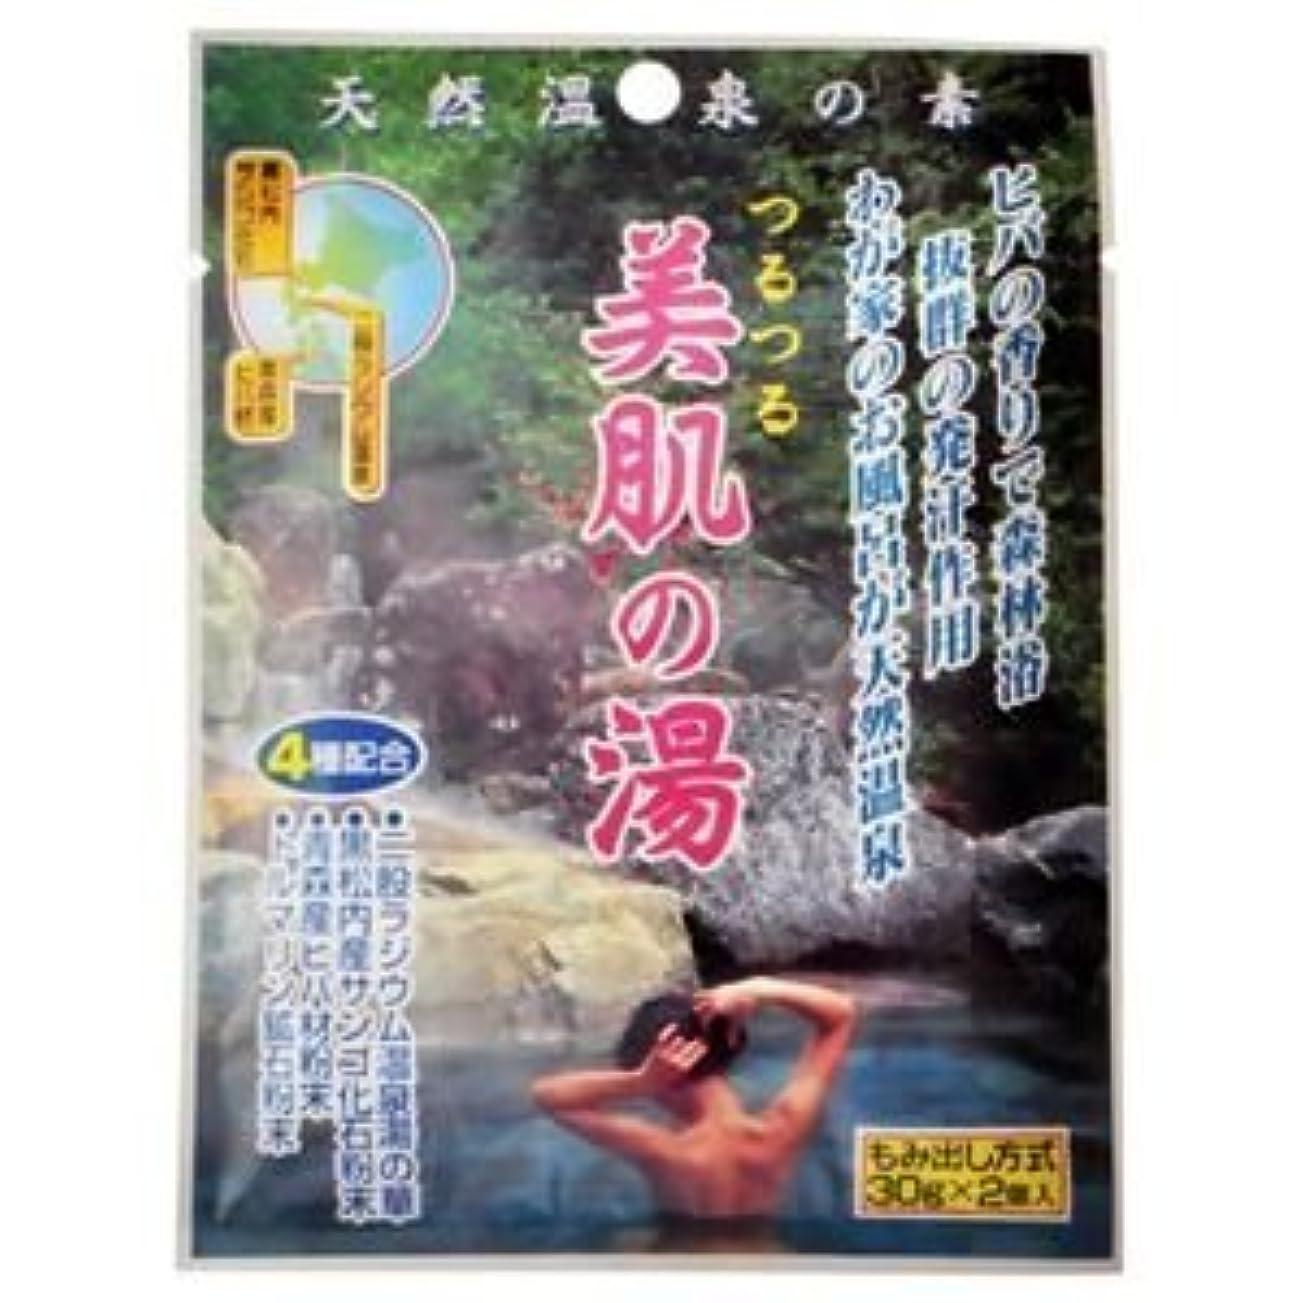 リール評価するフィットネス天然温泉の素 つるつる美肌の湯 30g×2個入(入浴剤) (10個セット)